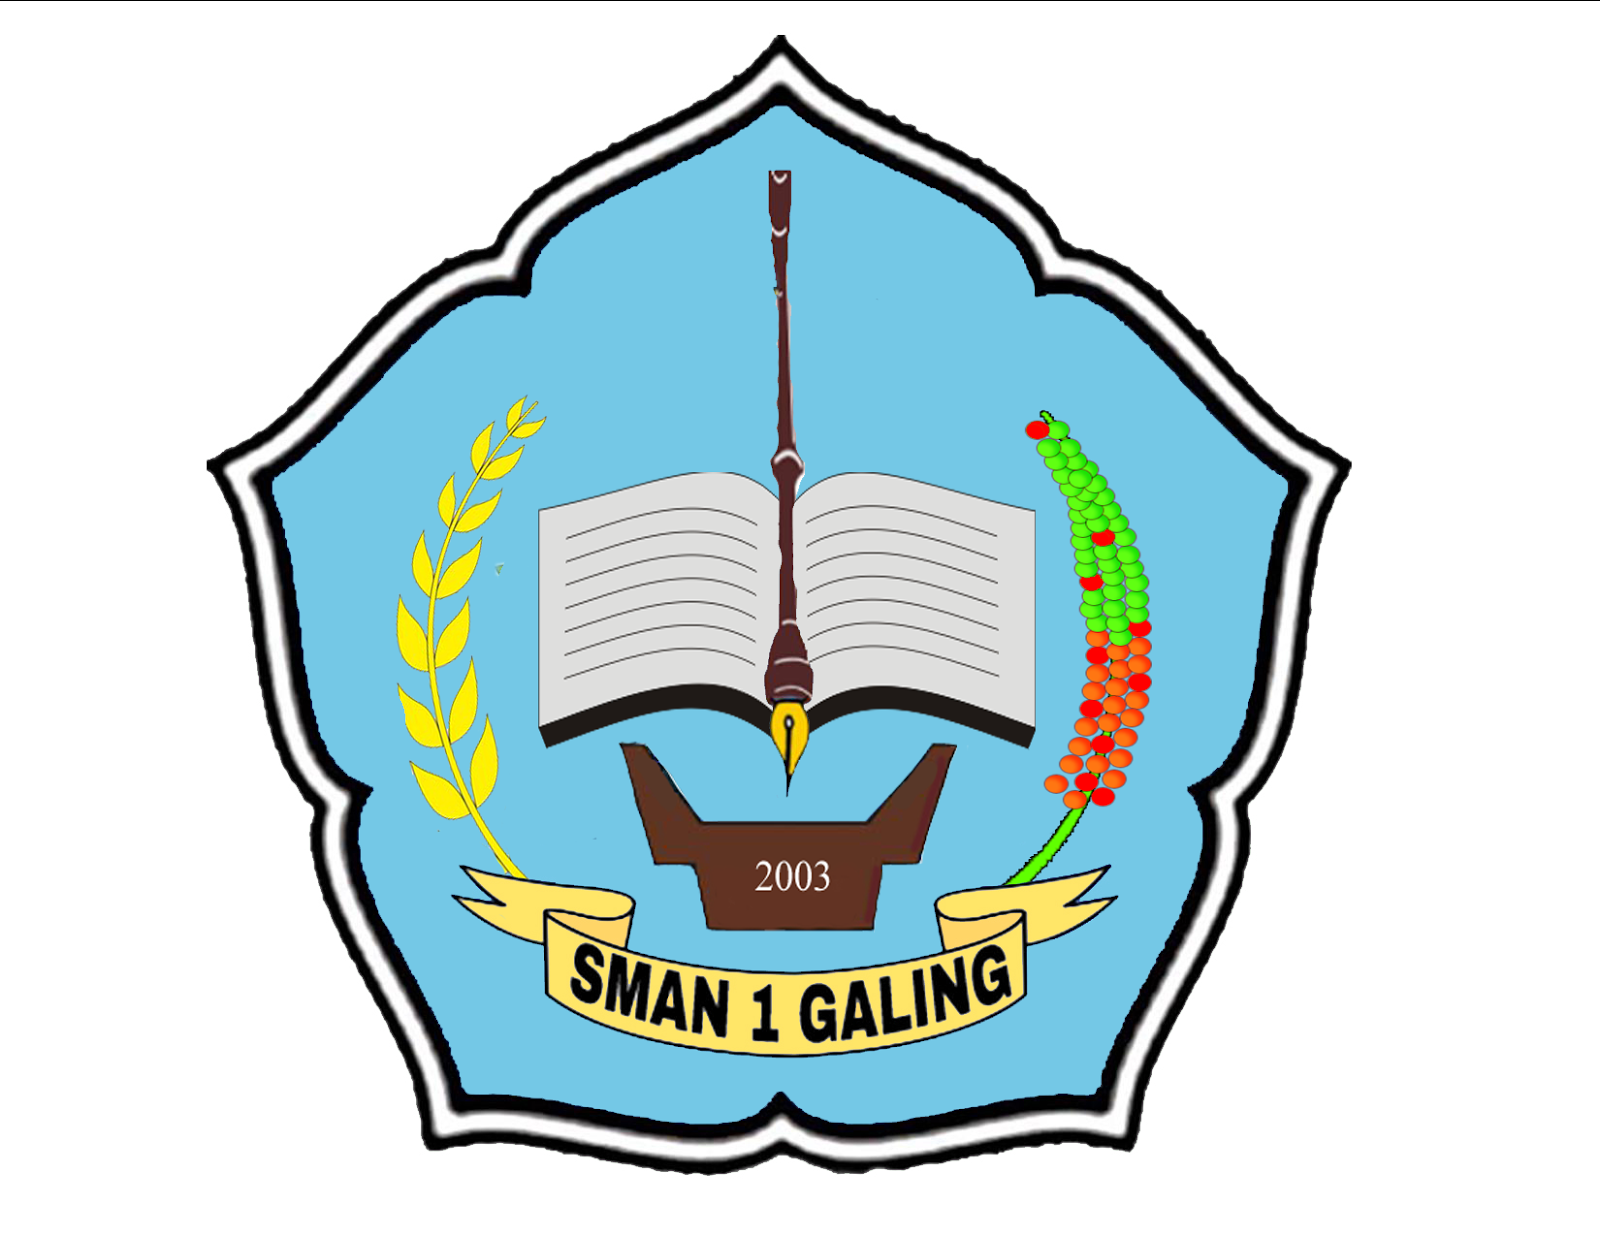 Kelas Xi Ipa Sman 1 Galing 2016 2017 Lambang Sman 1 Galing